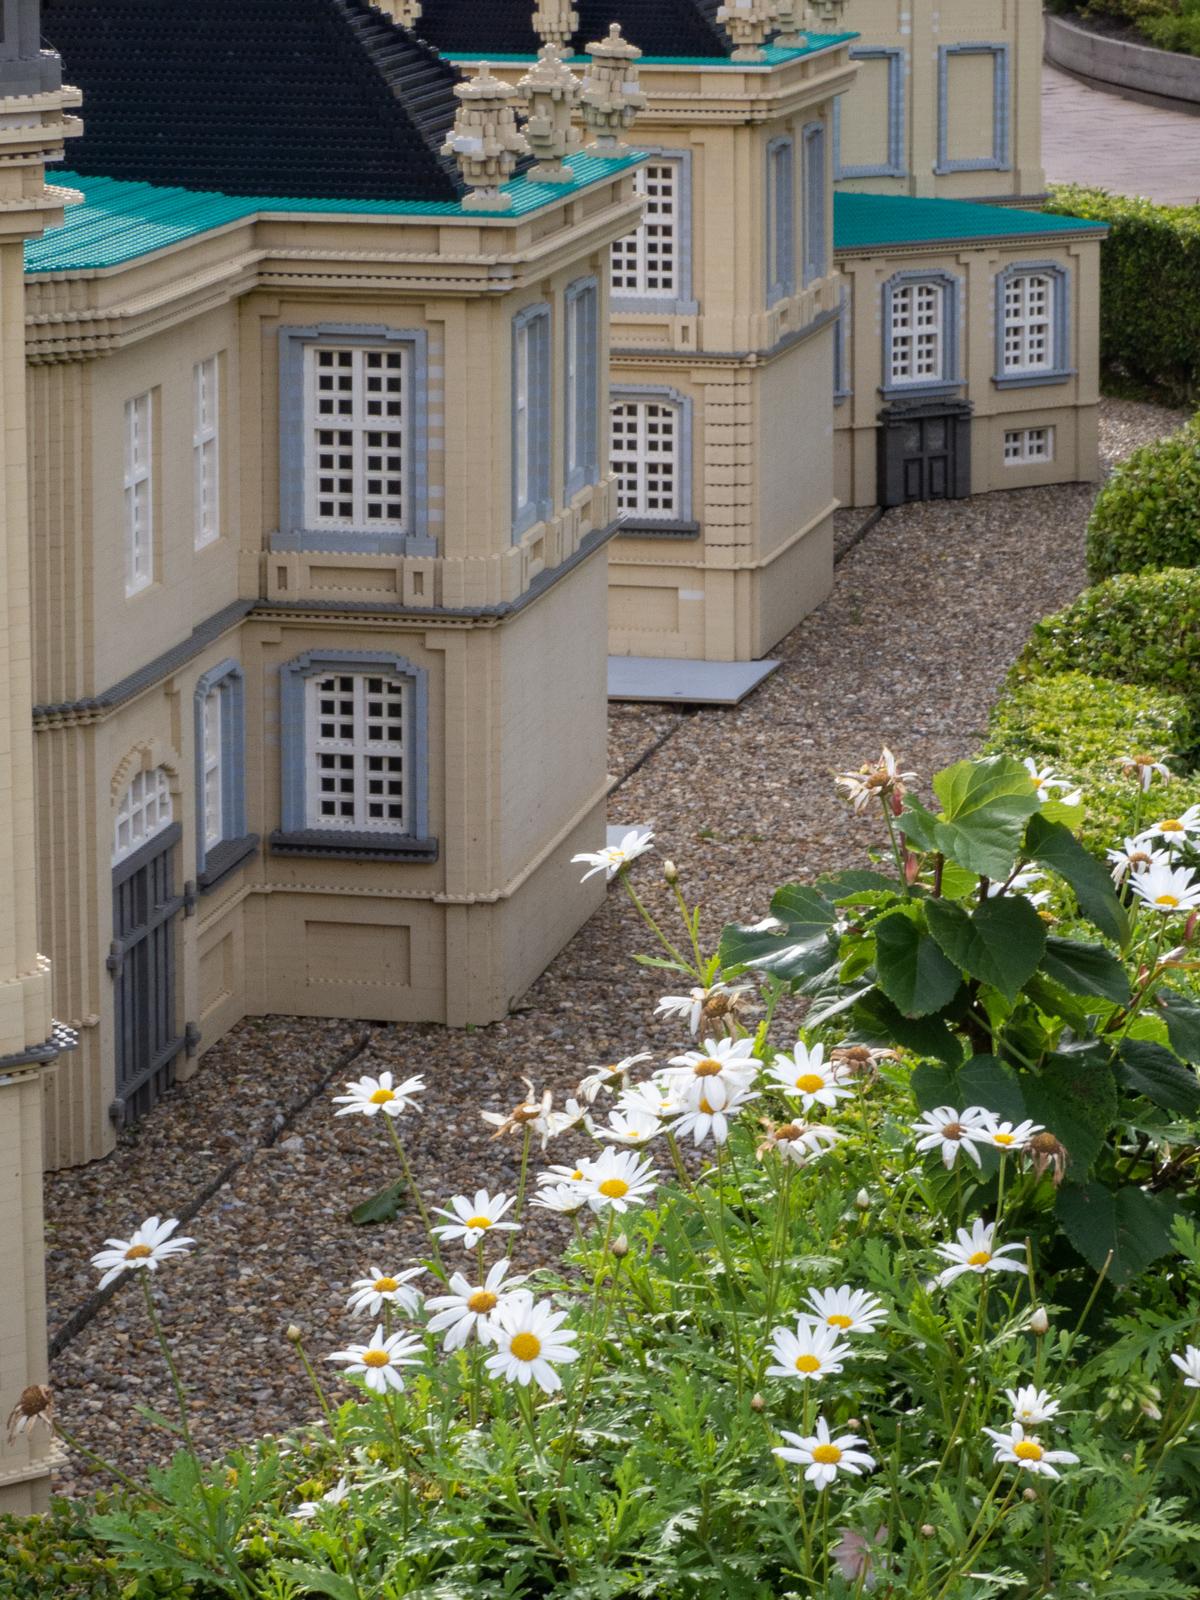 Carnet du Danemark #6 - au pays des Lego